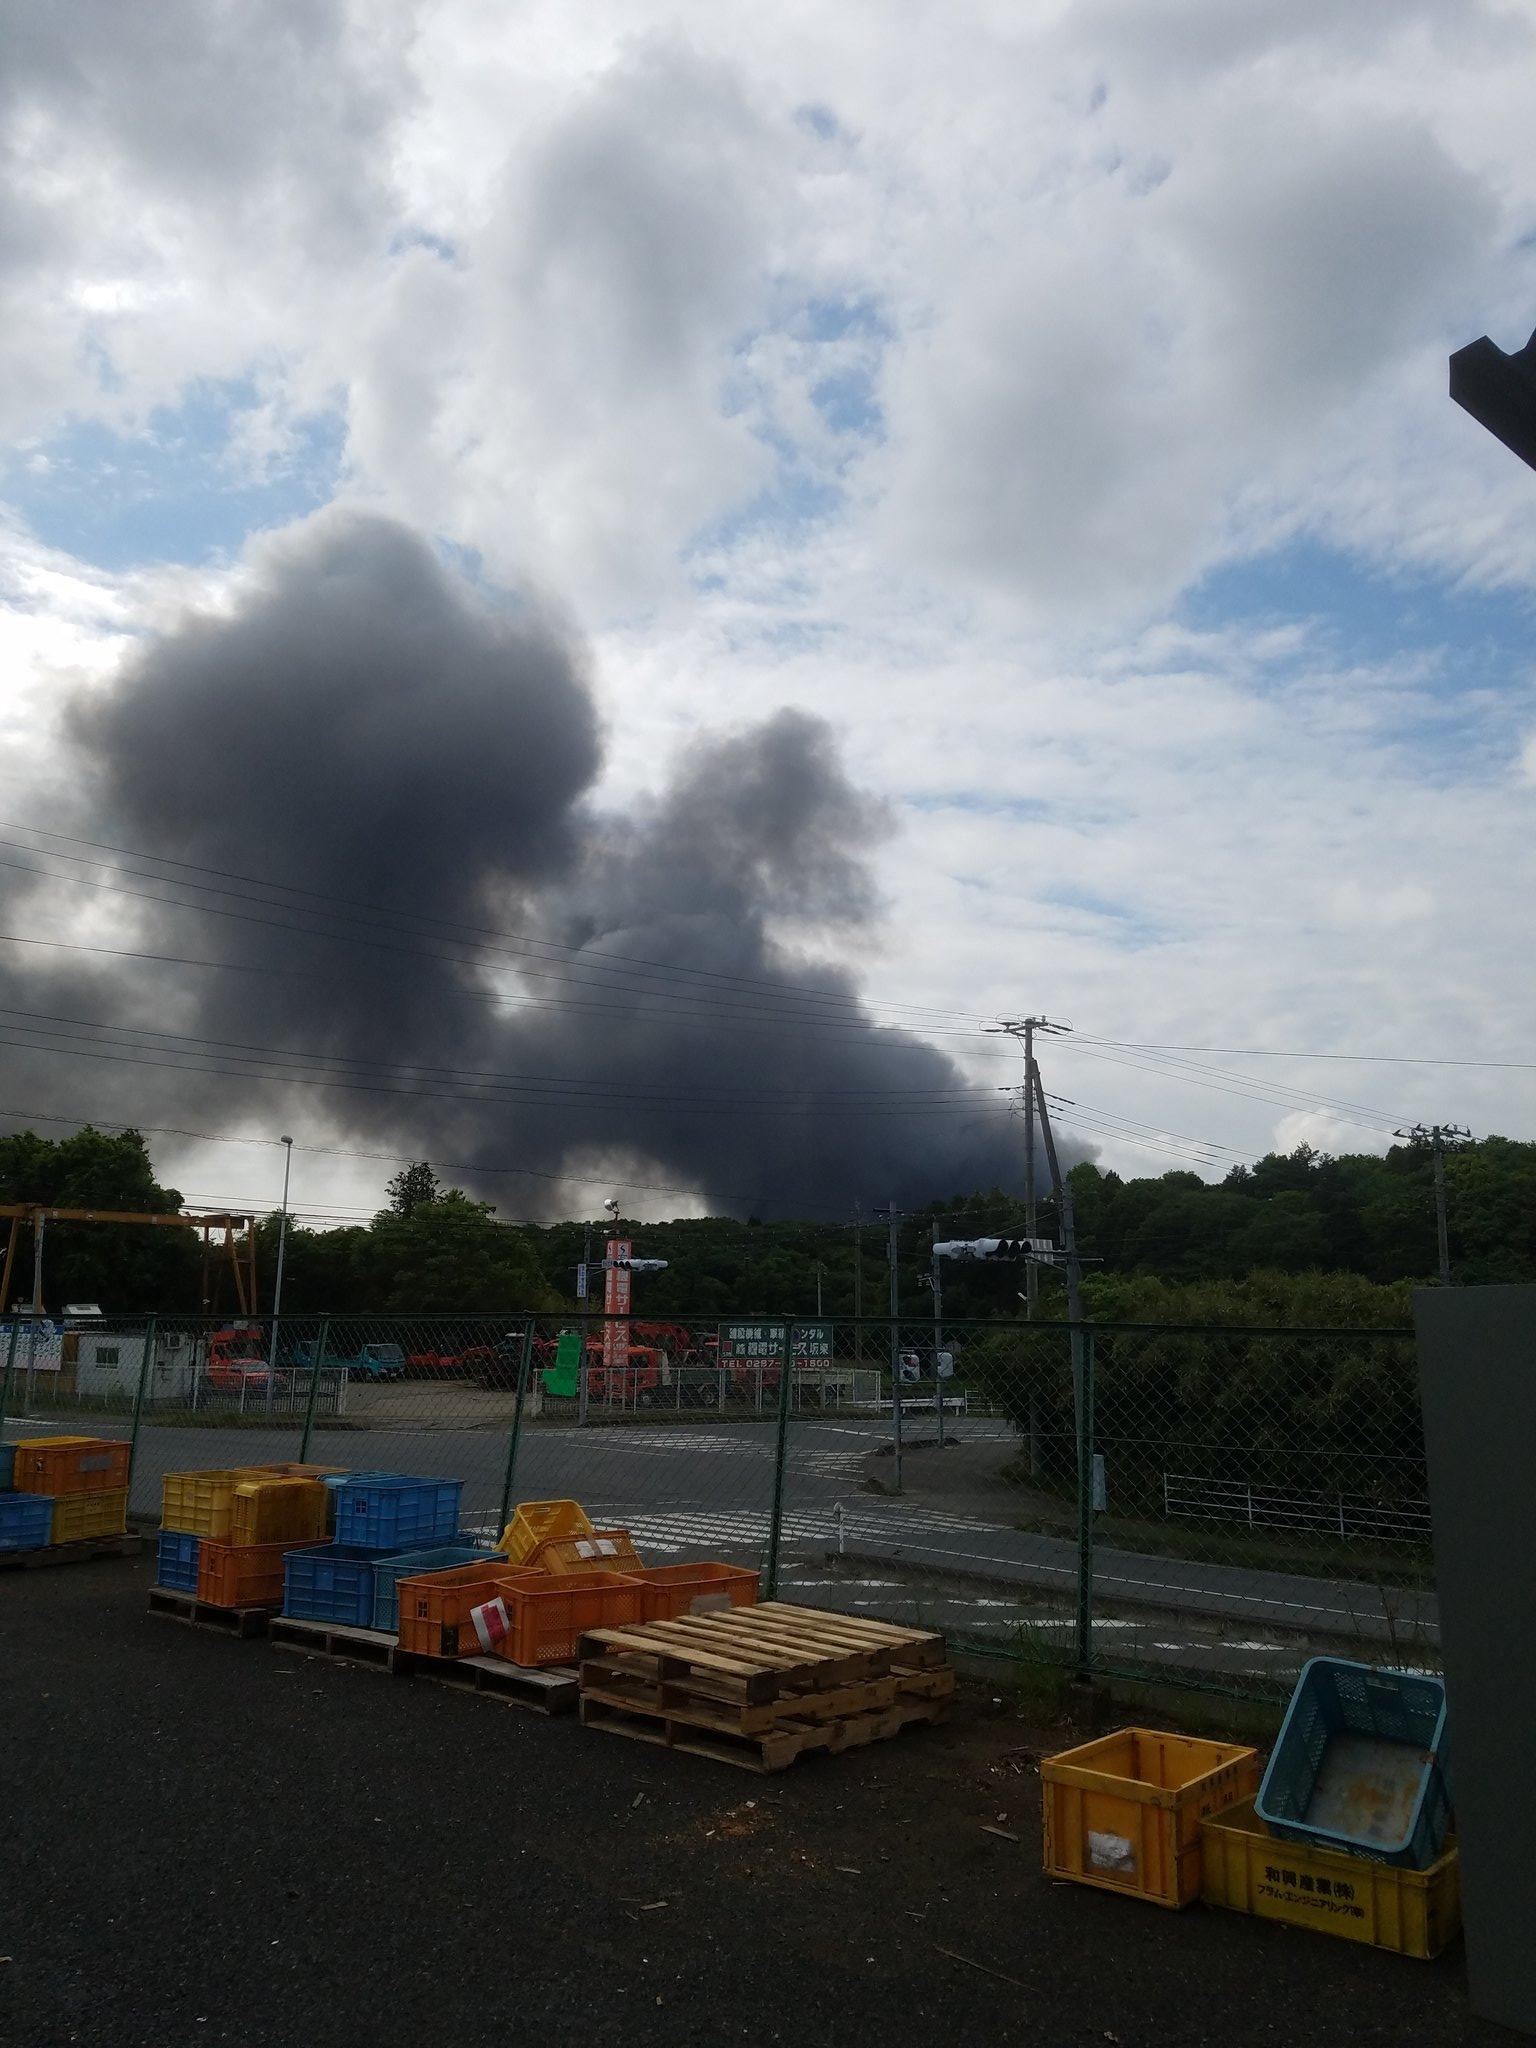 画像,朝から火事がやばい https://t.co/mrYK6WB7cr。